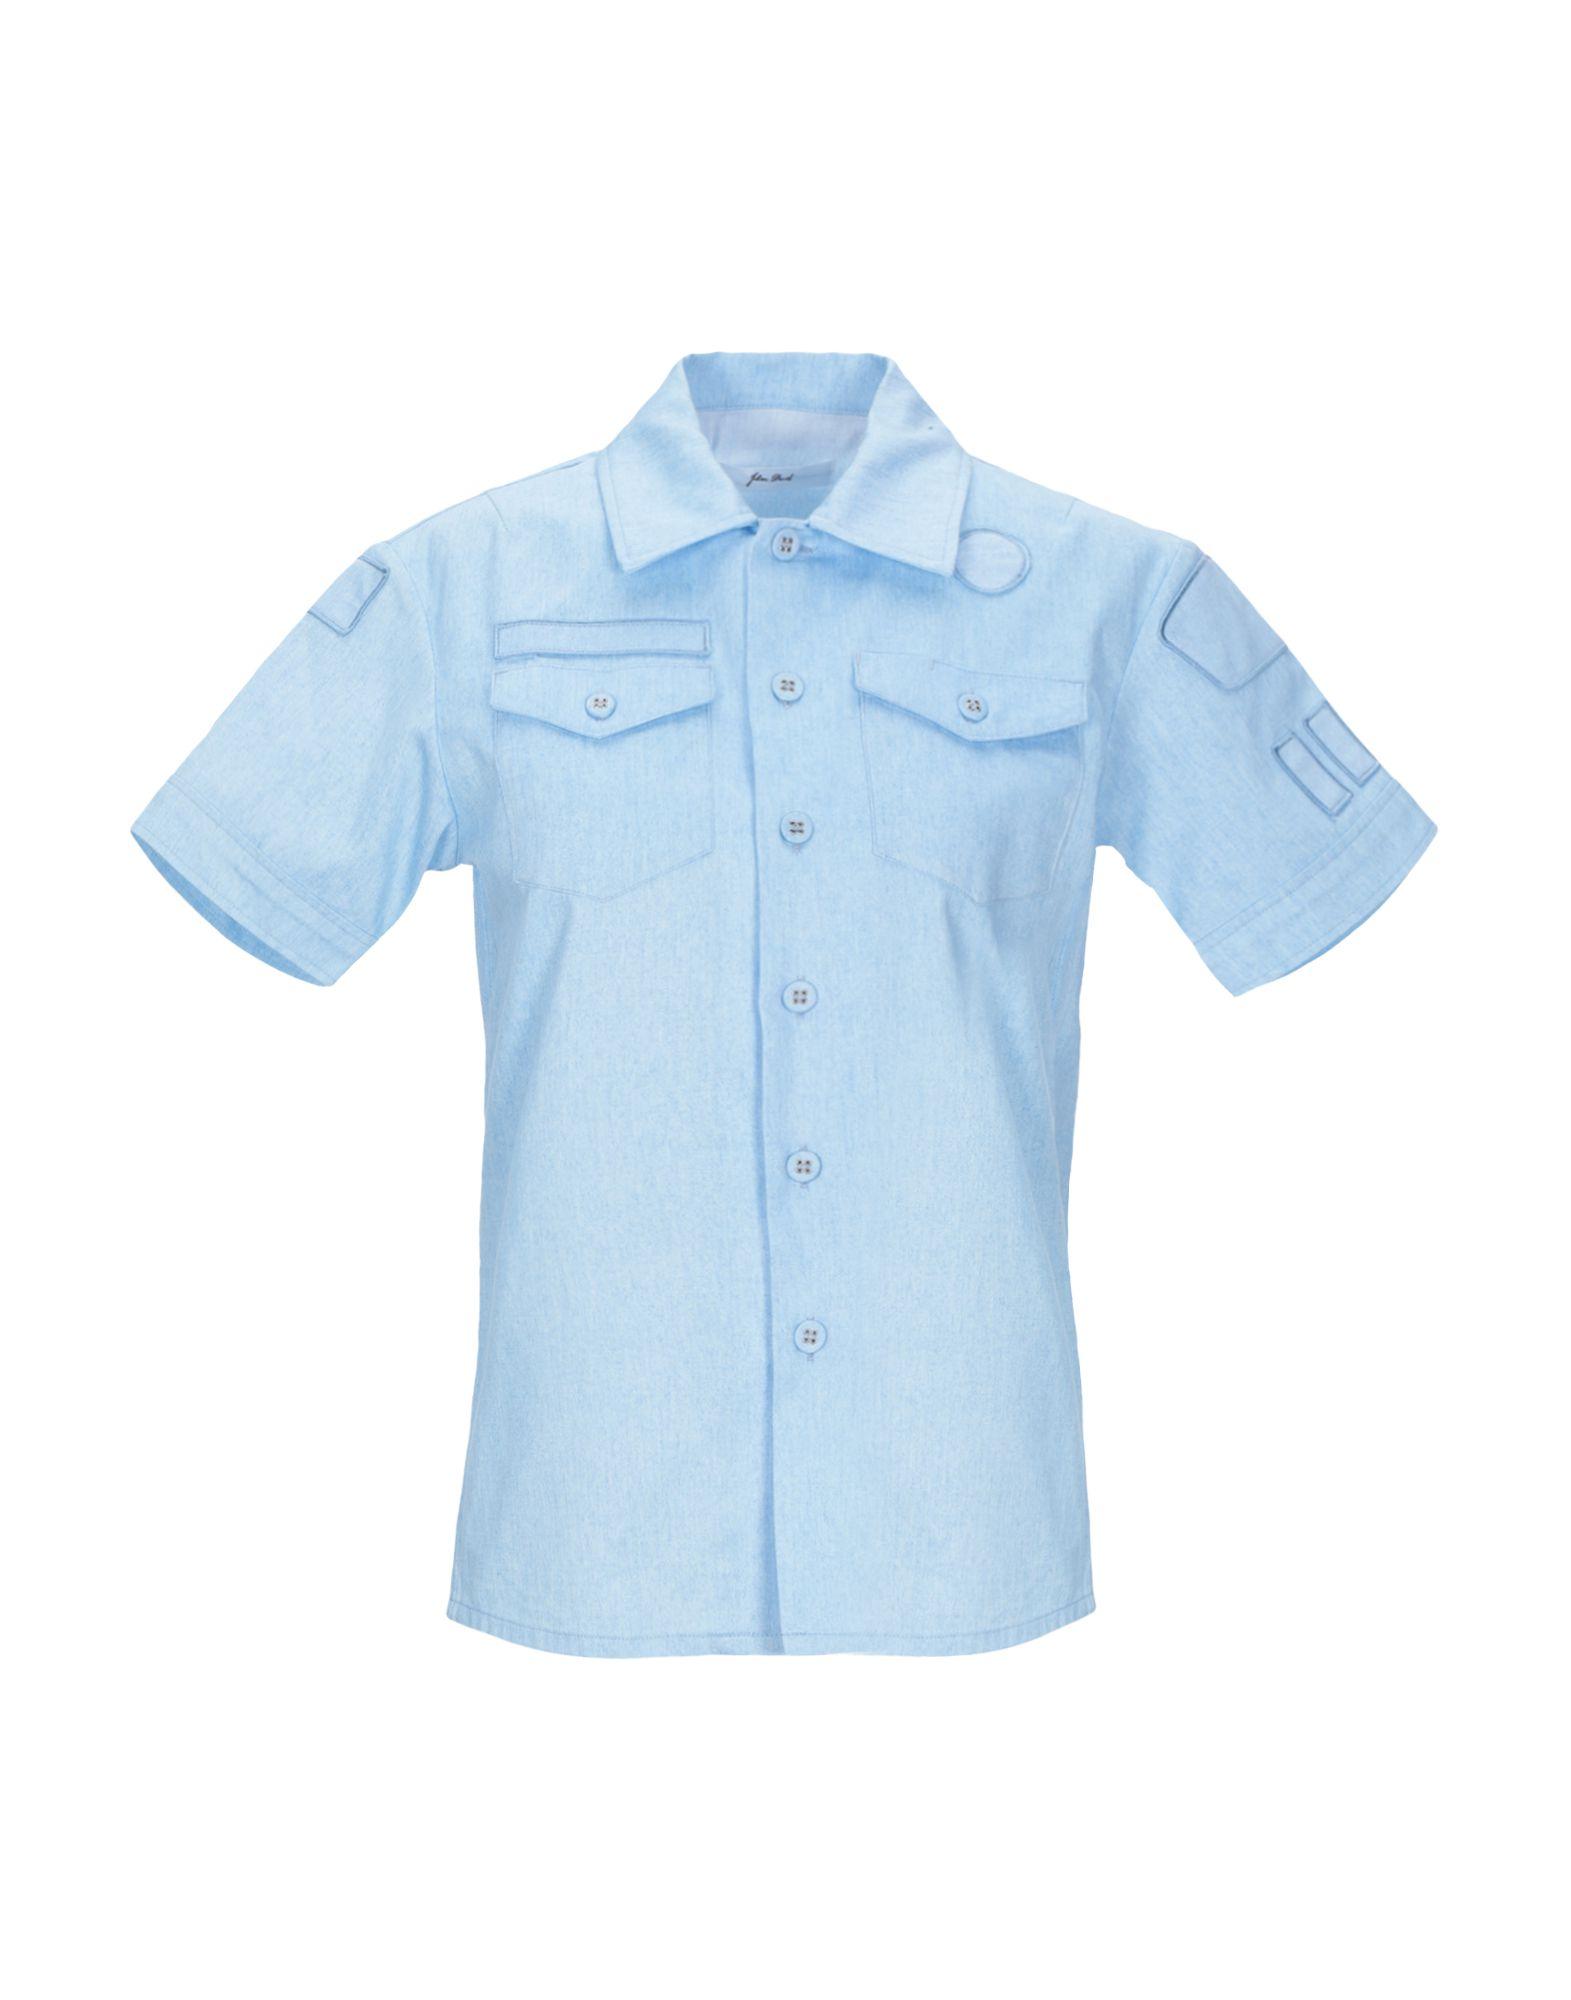 JULIEN DAVID Джинсовая рубашка цены онлайн